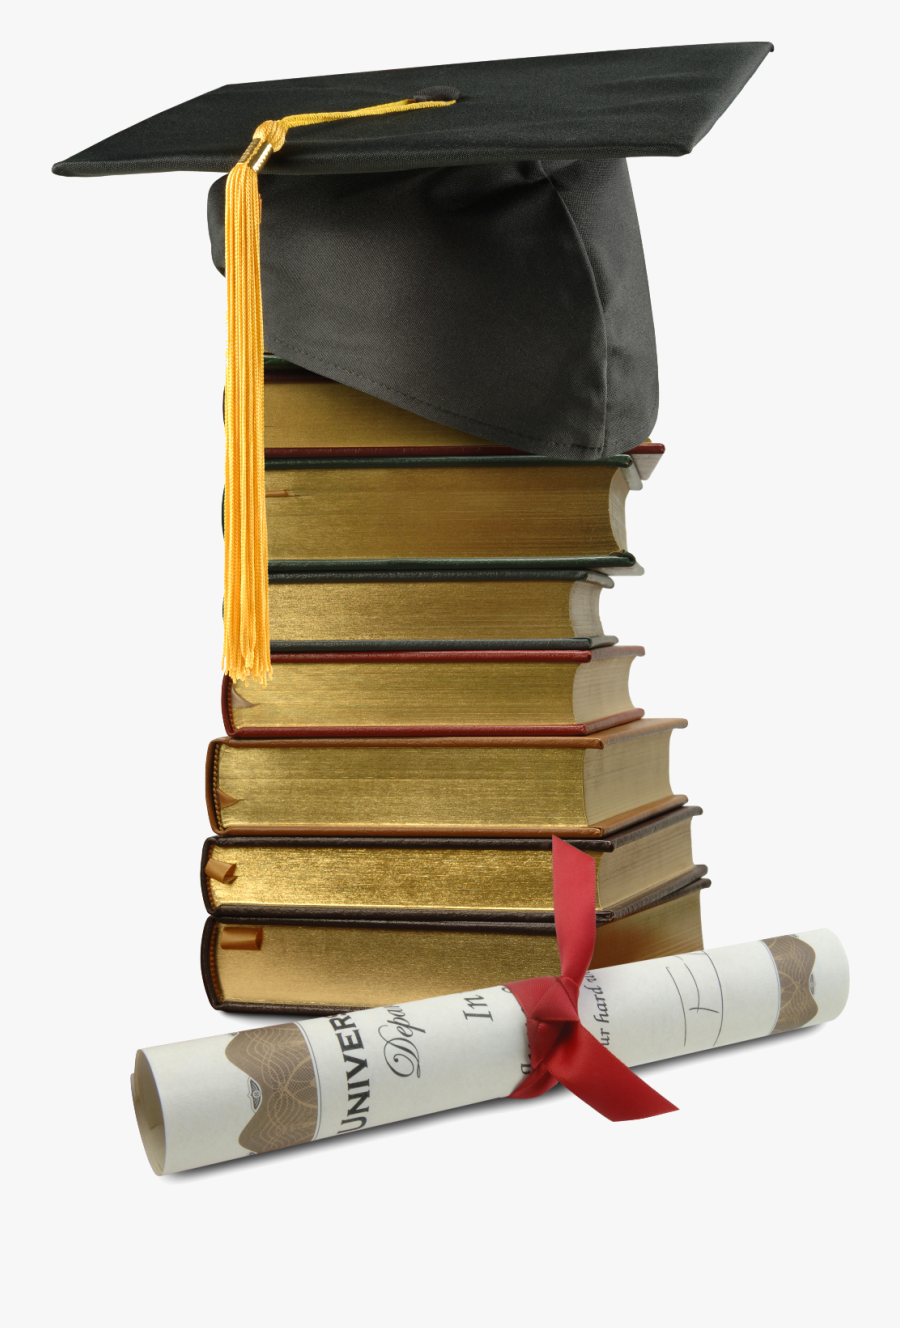 Curriculum Cap Books Diploma - Transparent Background Books With Graduation Cap, Transparent Clipart